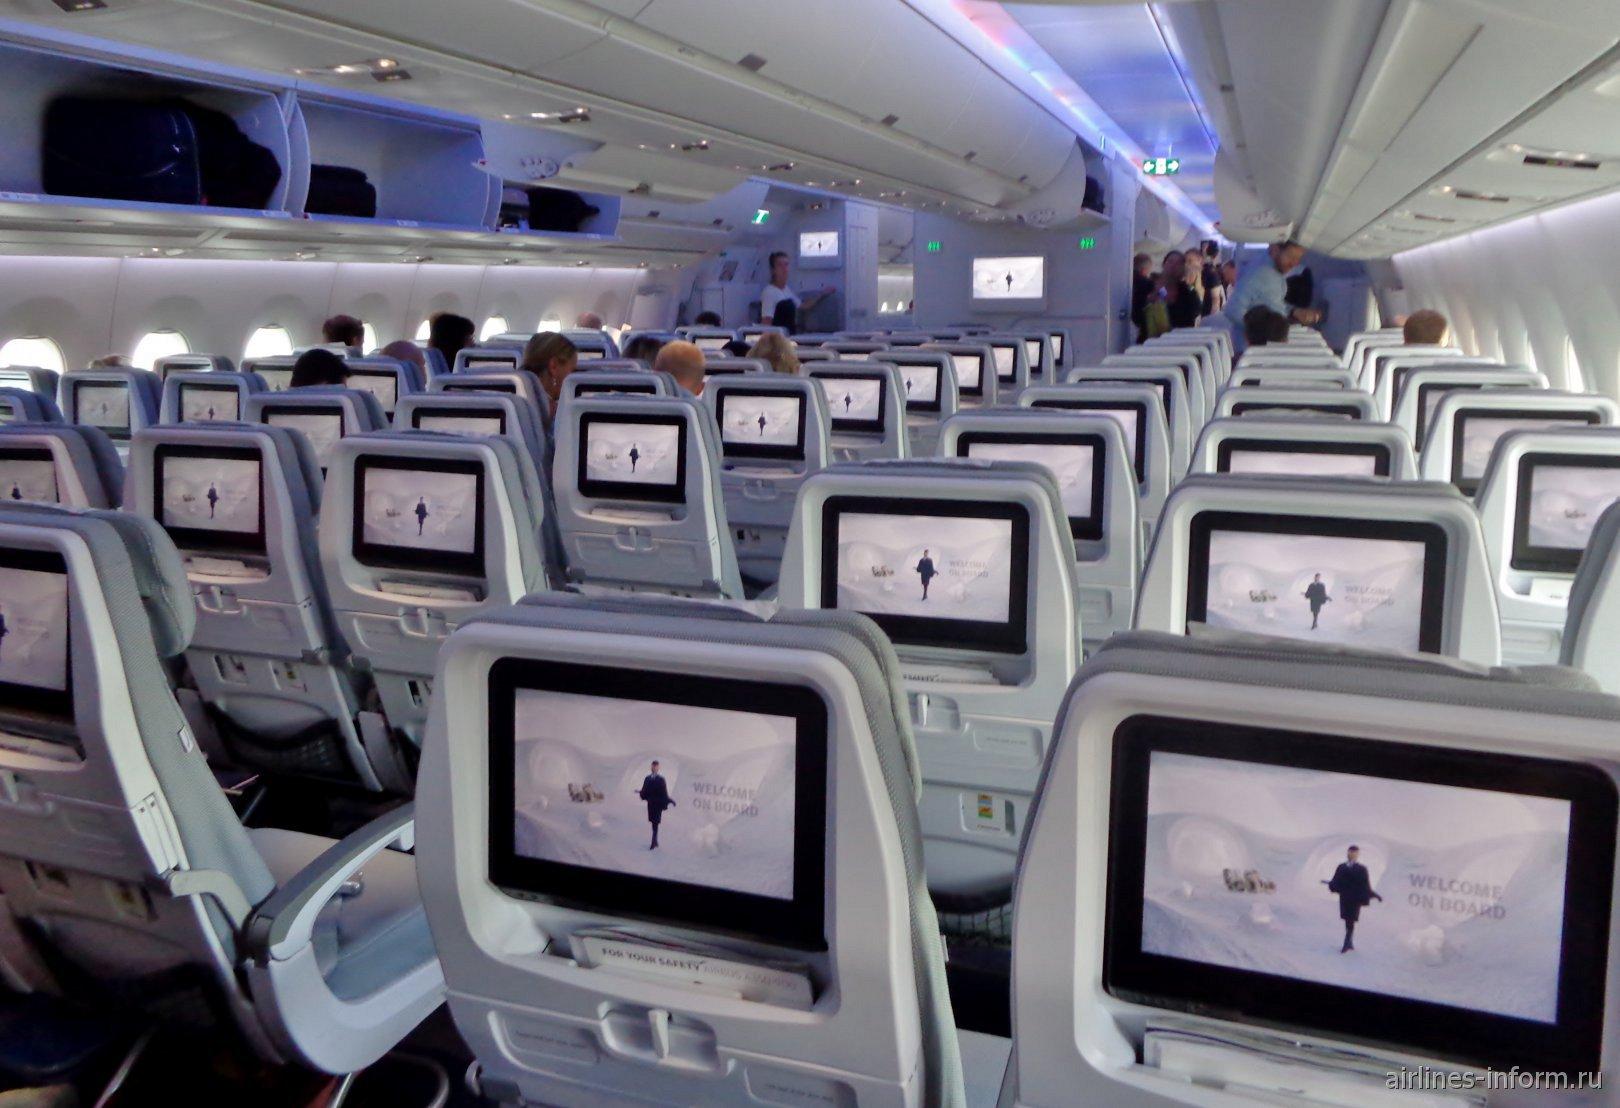 Пассажирский салон эконом-класса в самолете Airbus A350-900 авиакомпании Finnair